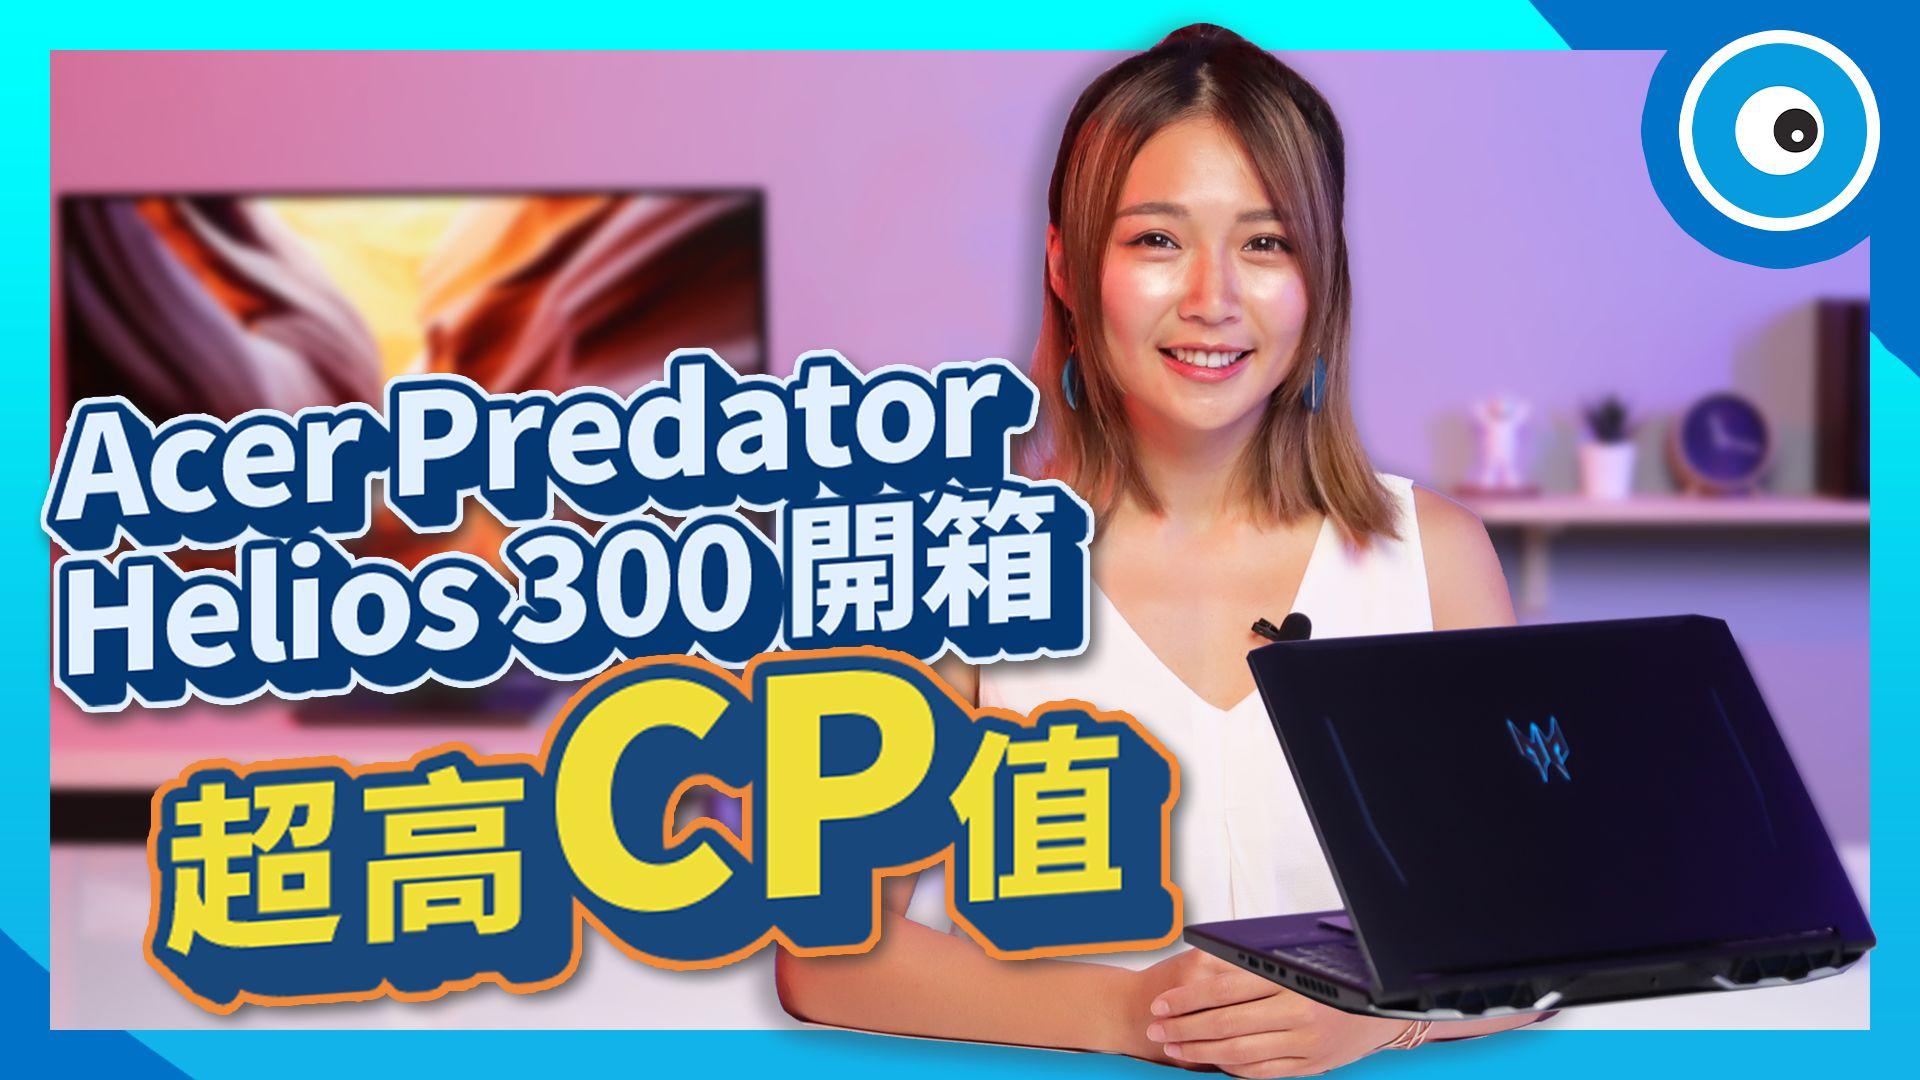 這台戰力滿點、CP 值超高的電競筆電 Acer Predator Helios 300,換上第十代 Intel Core i7 處理器,從機身外型、效能到散熱重點特色一次開箱給你看